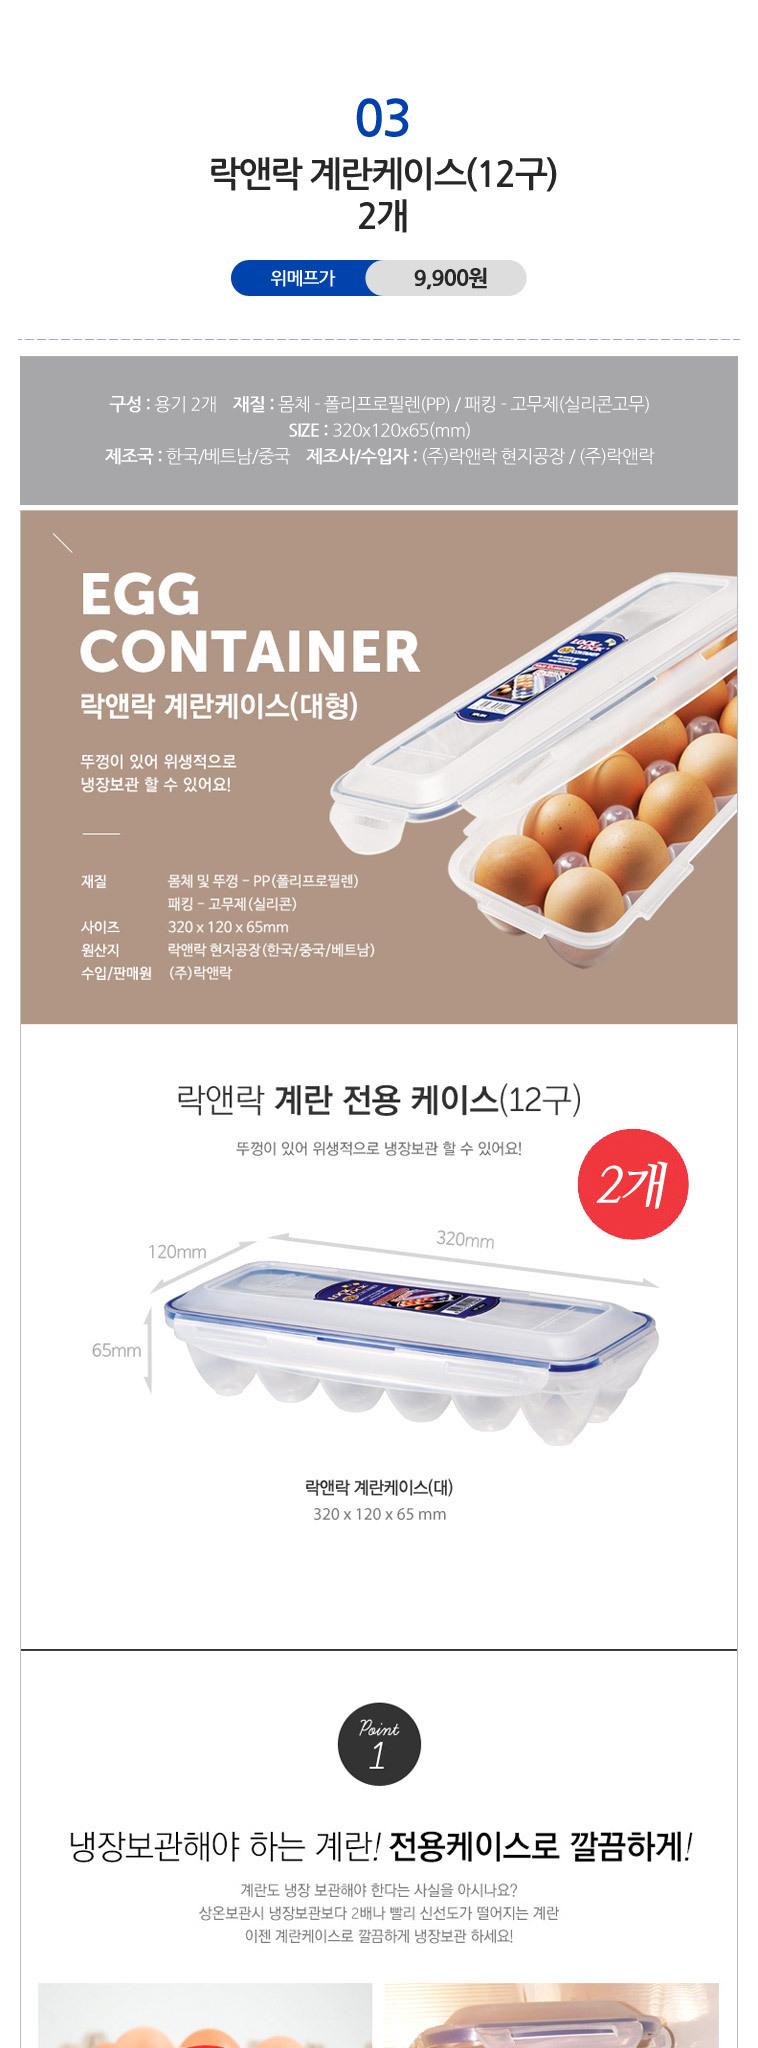 락앤락쌀통&잡곡통&보관용기 모음 - 상세정보